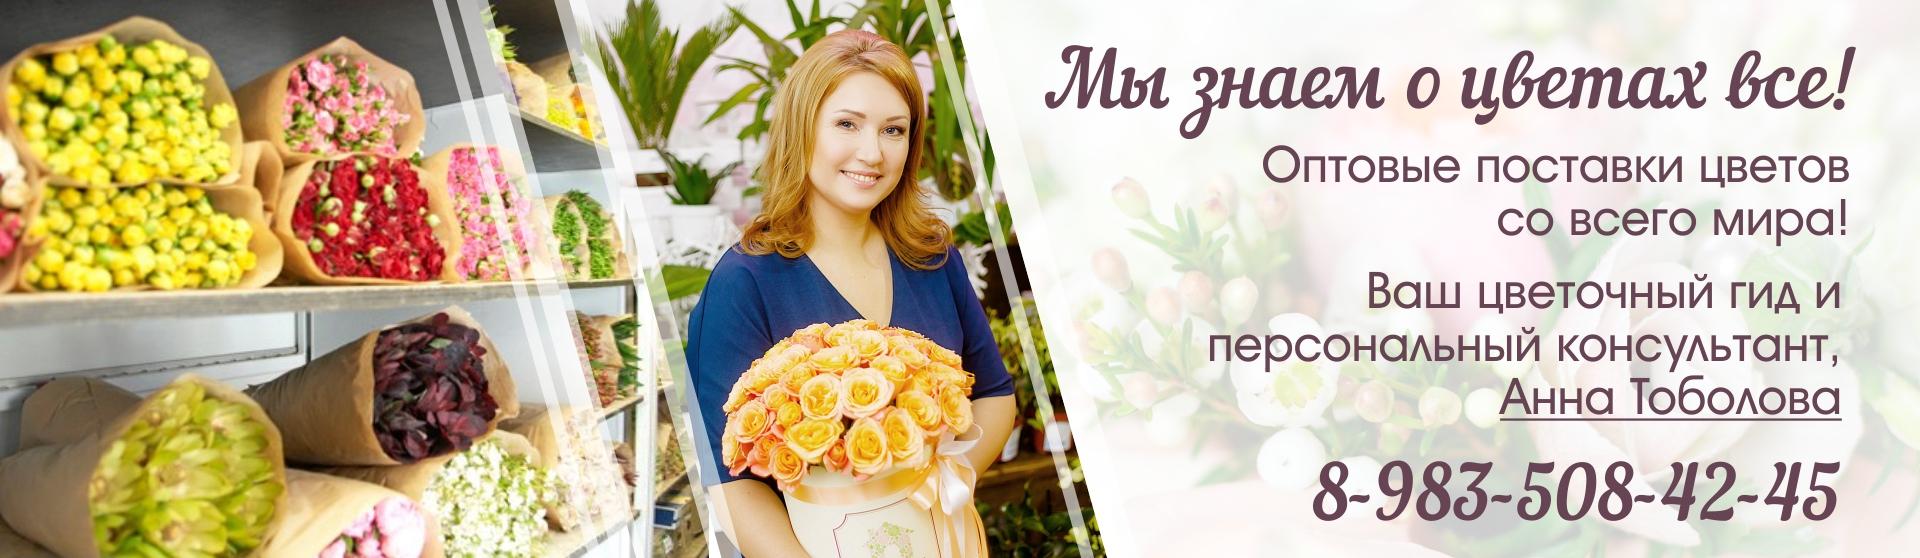 Магазин цветов в городе кызыл, цветы оптом винница